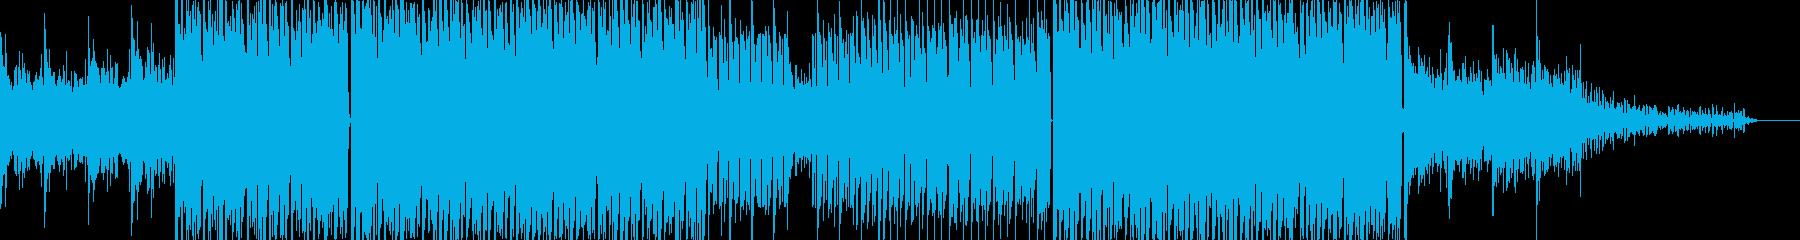 グルーヴ感と透明感のあるテクノの再生済みの波形